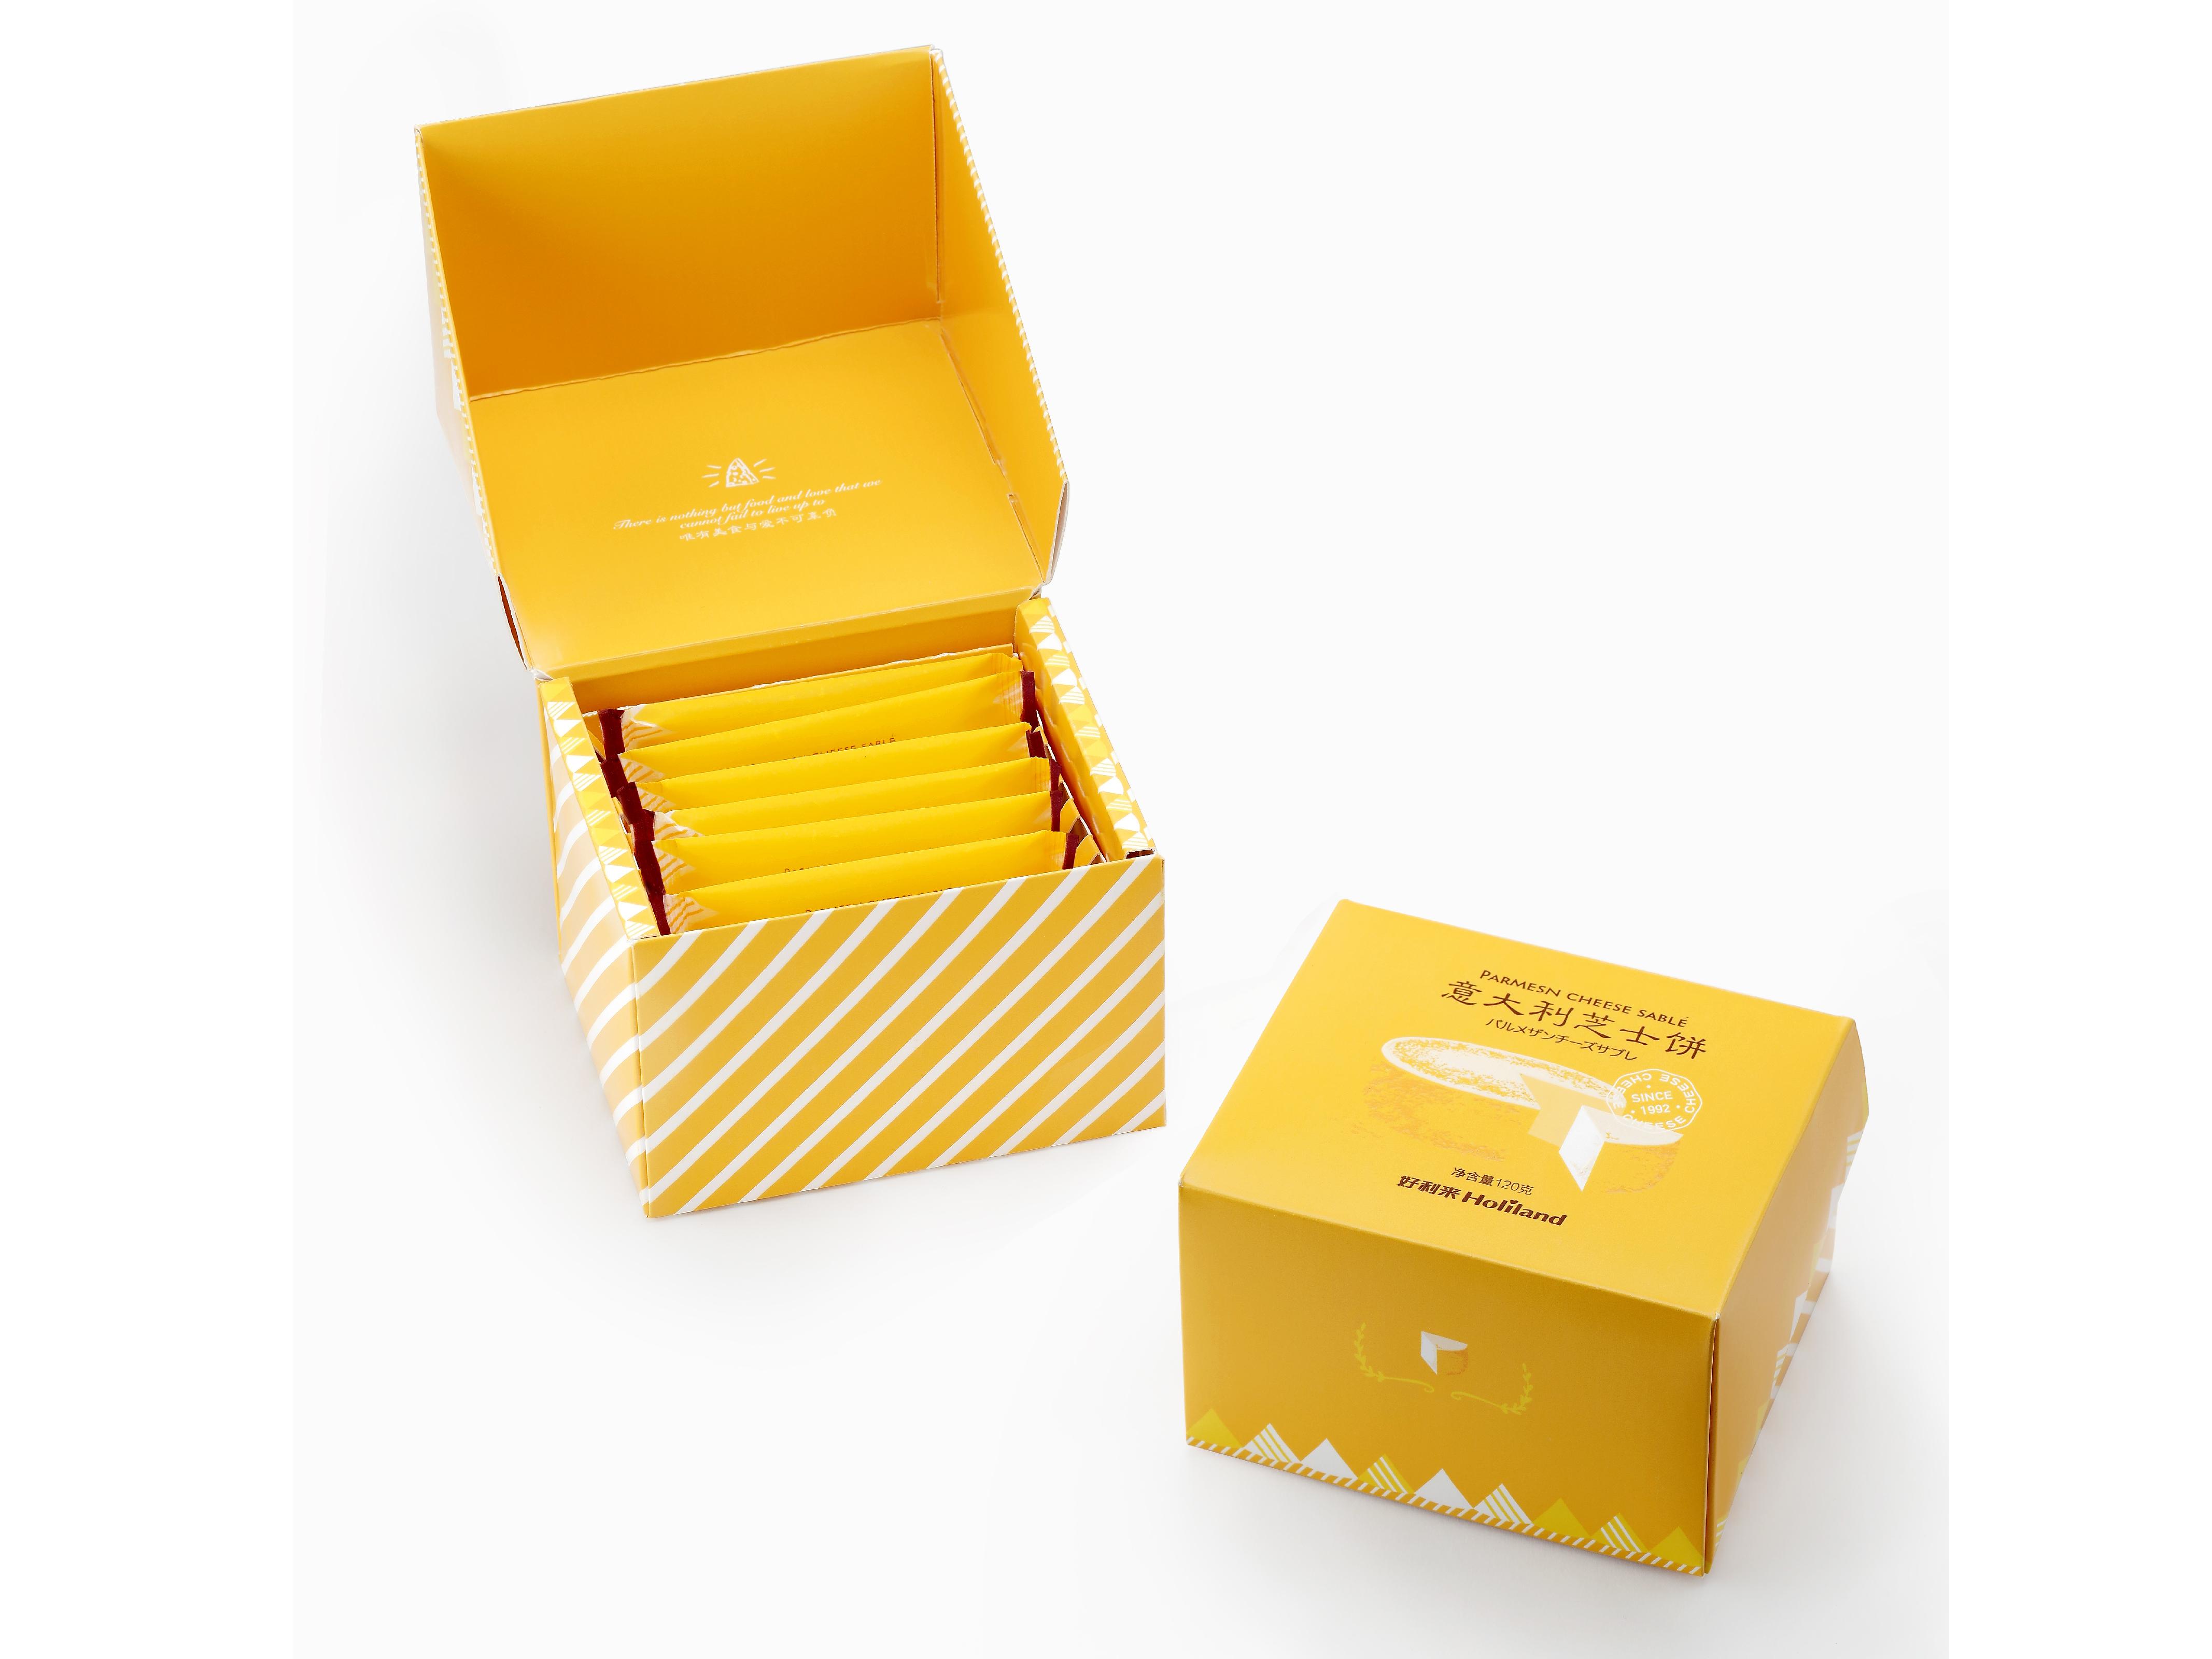 包装 包装设计 设计 4267_3200图片